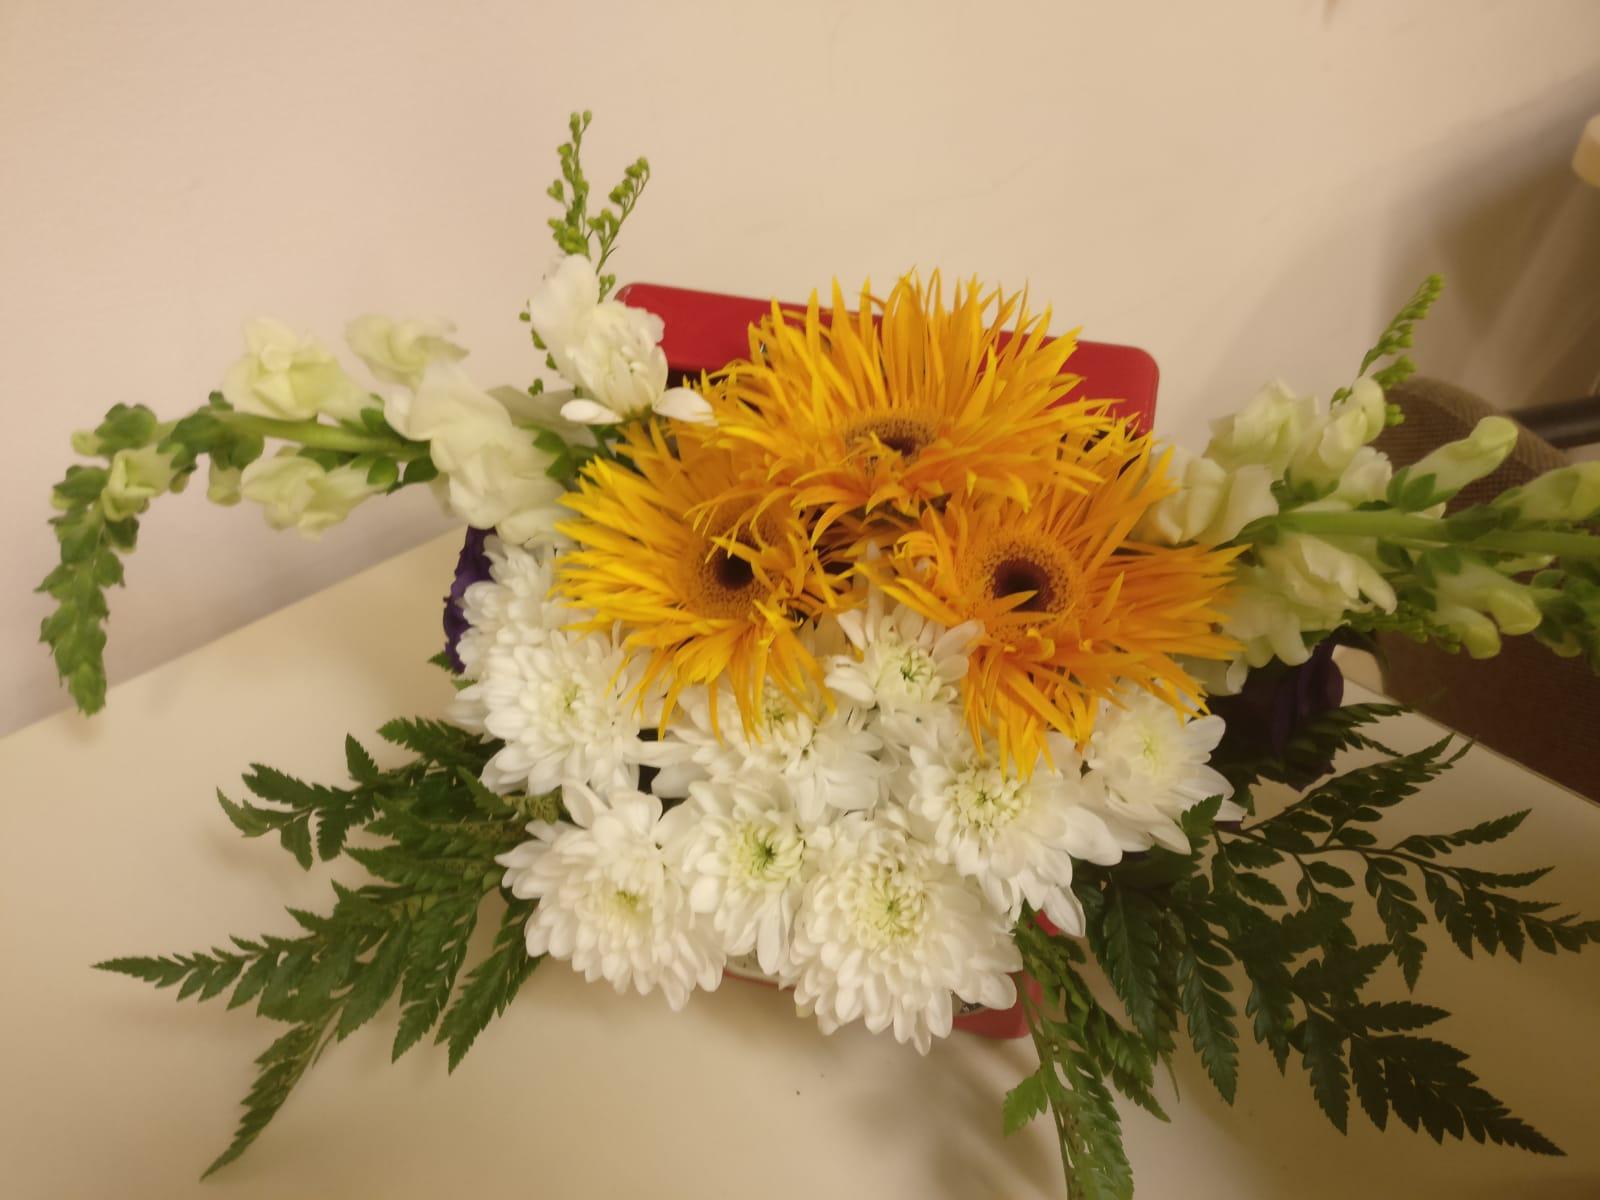 גלרייה - שיעור שזירת פרחים - קורס הפקת אירועים מחזור 23, 10 מתוך 32